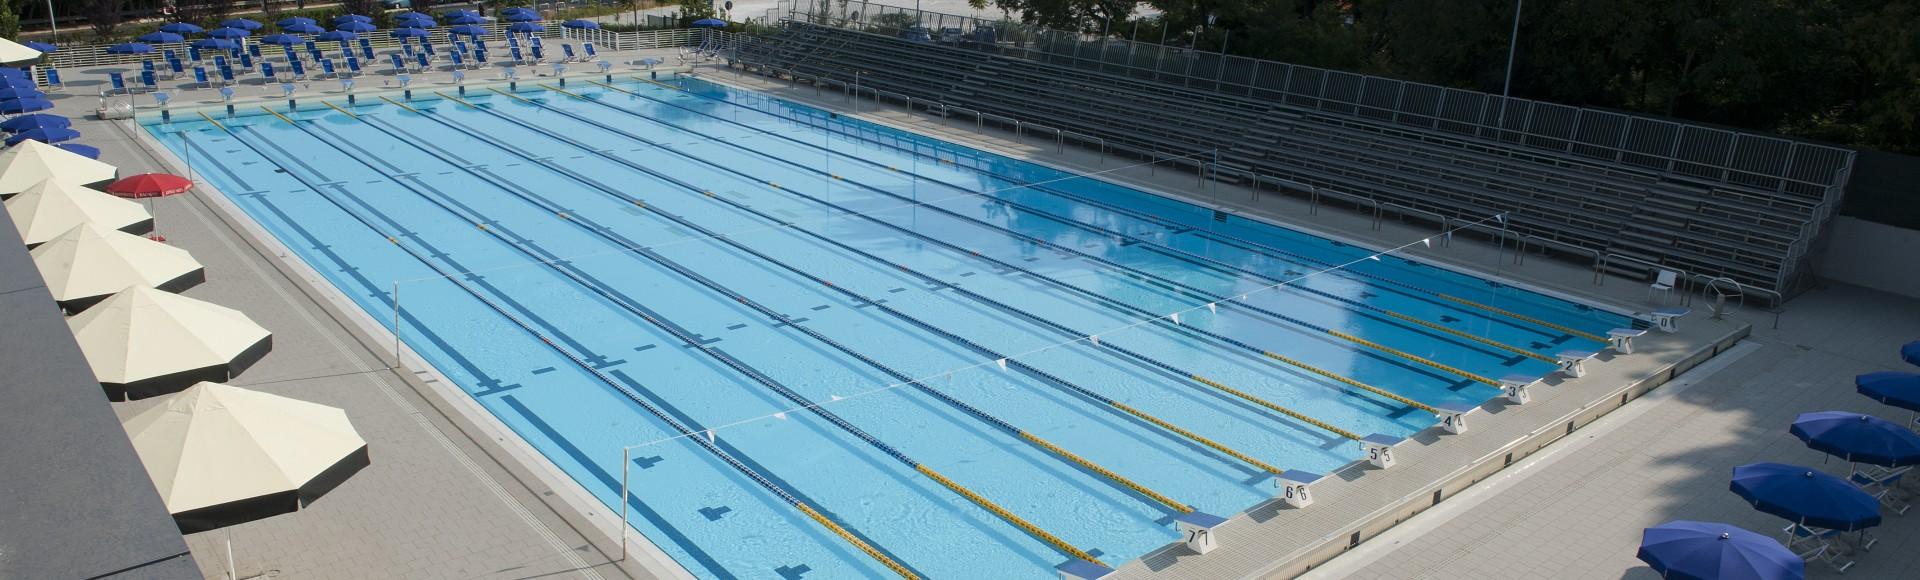 Aquaniene the sport club il centro sportivo di roma nord for Centro sportivo le piscine guastalla